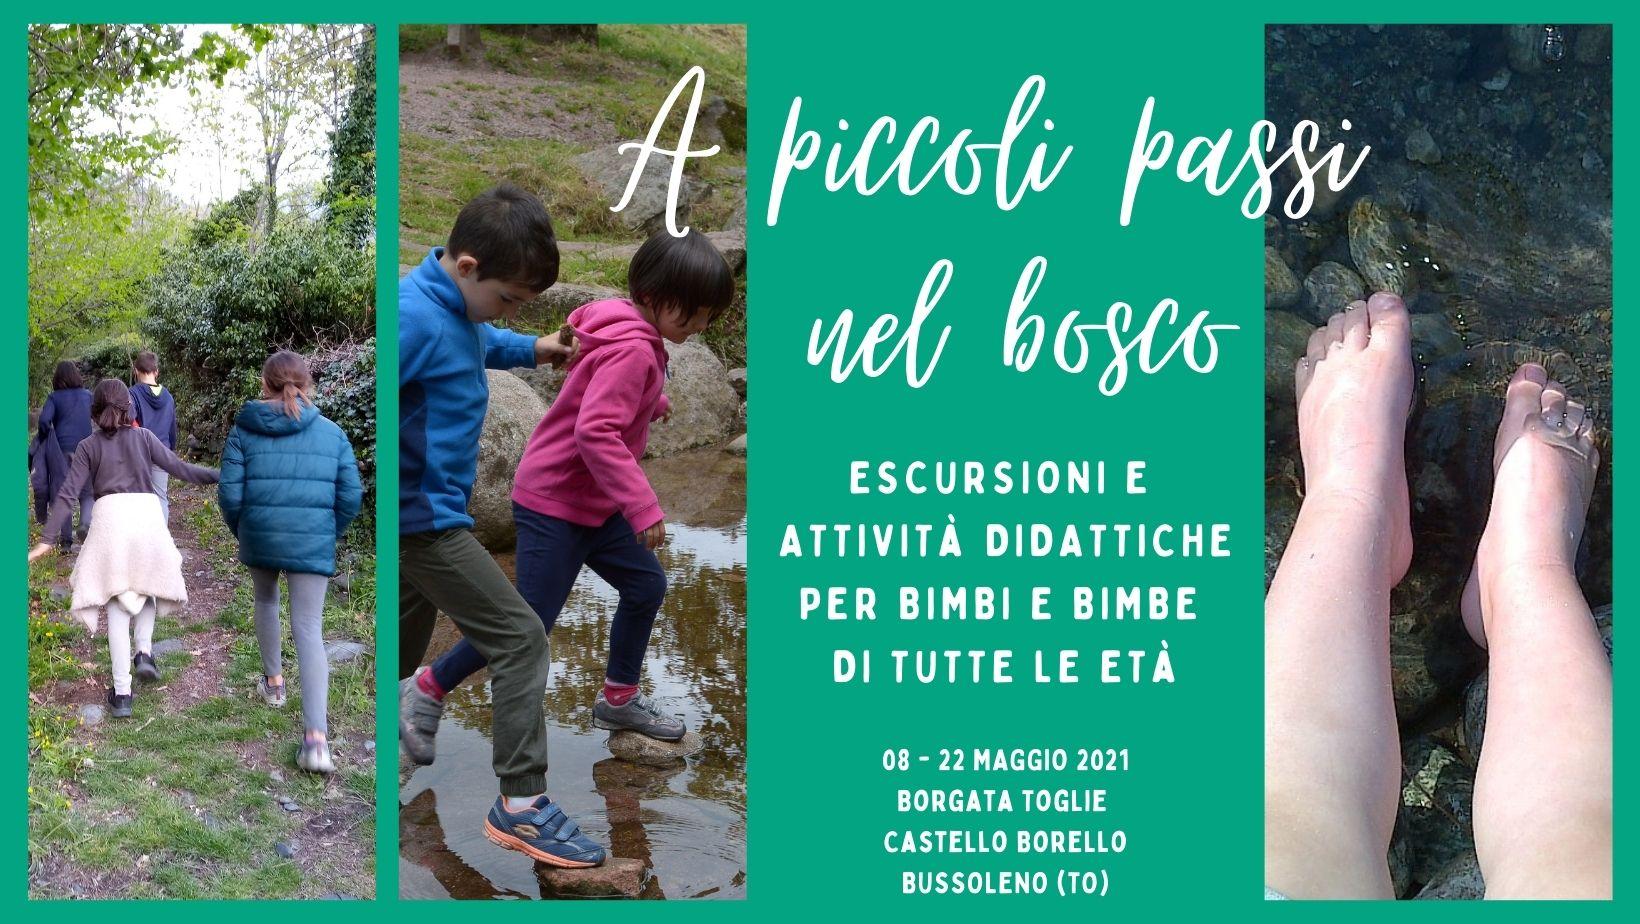 A piccoli passi nel bosco - Escursioni didattiche per bambini con Nel bosco con Helix